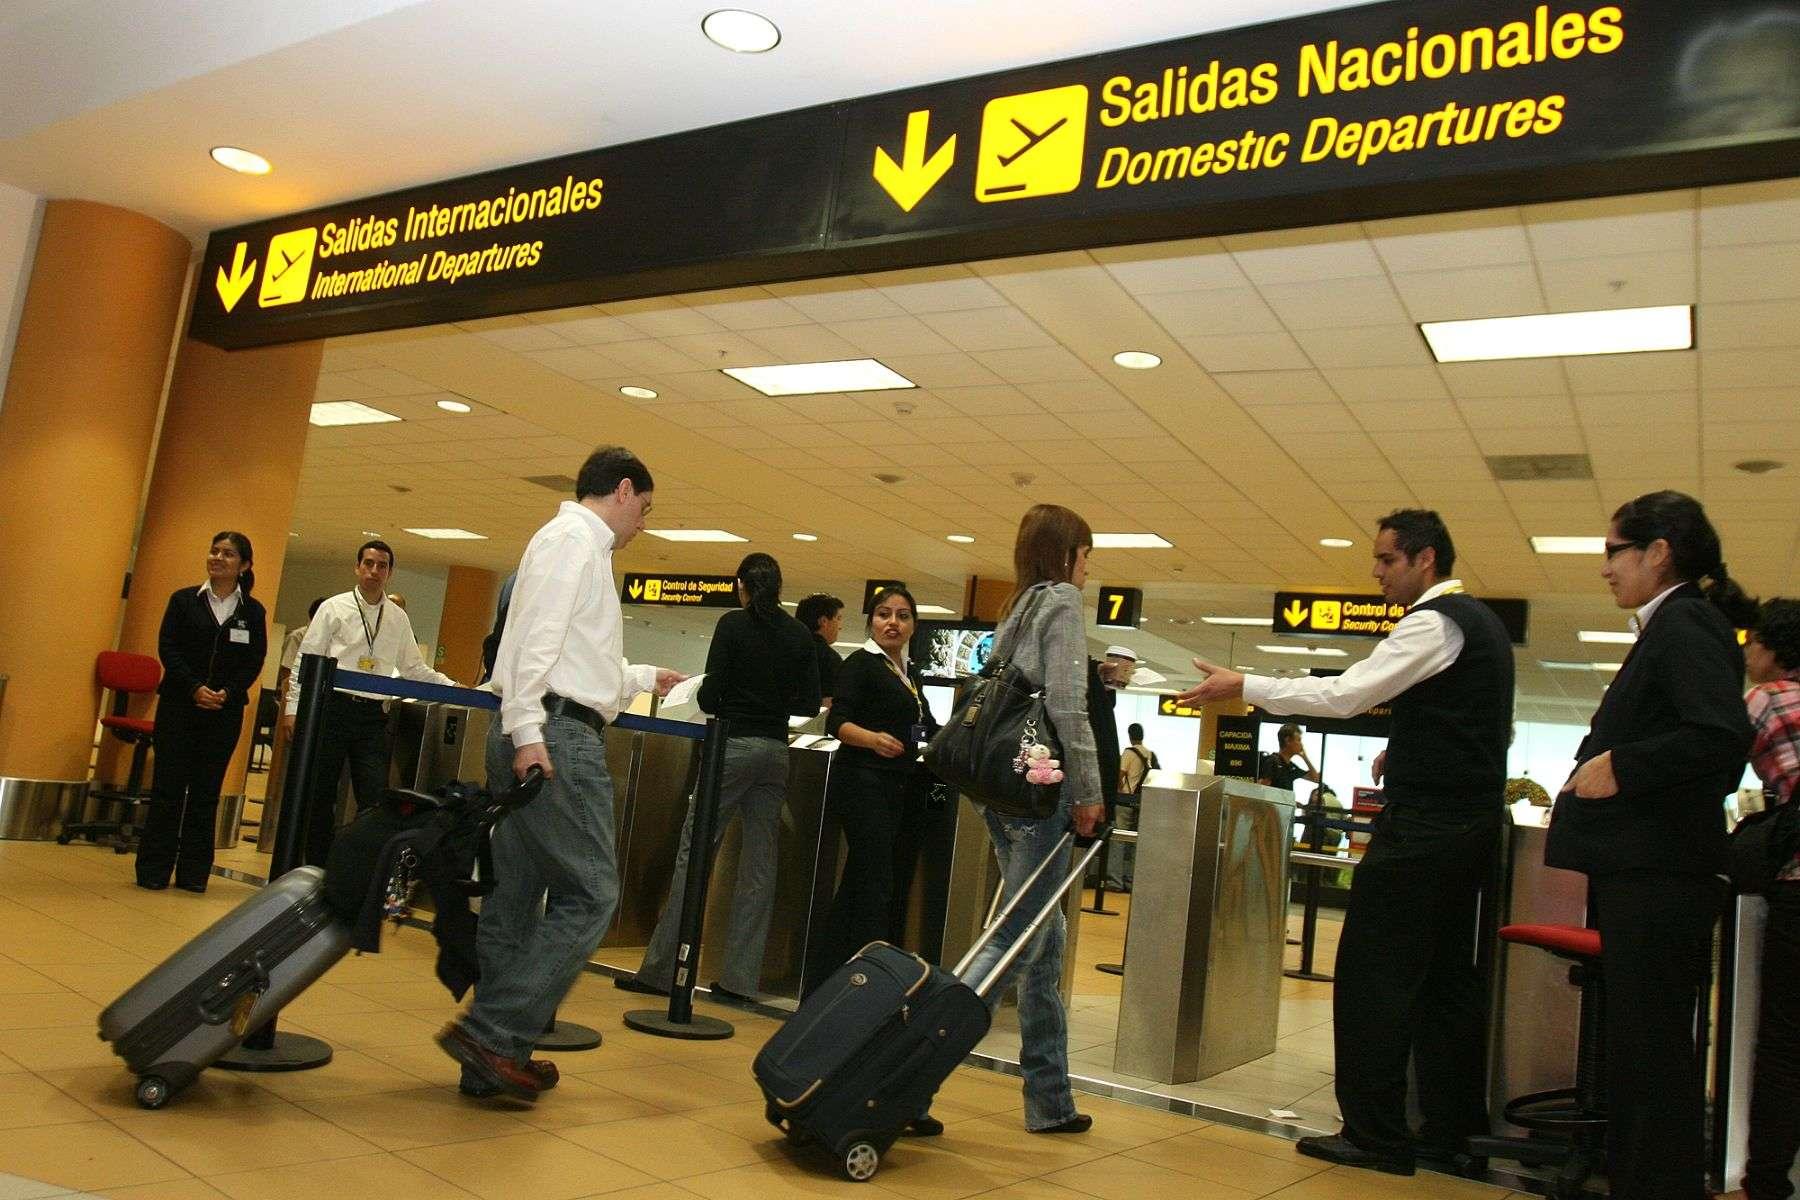 aeropuerto-jorge-chavez_0